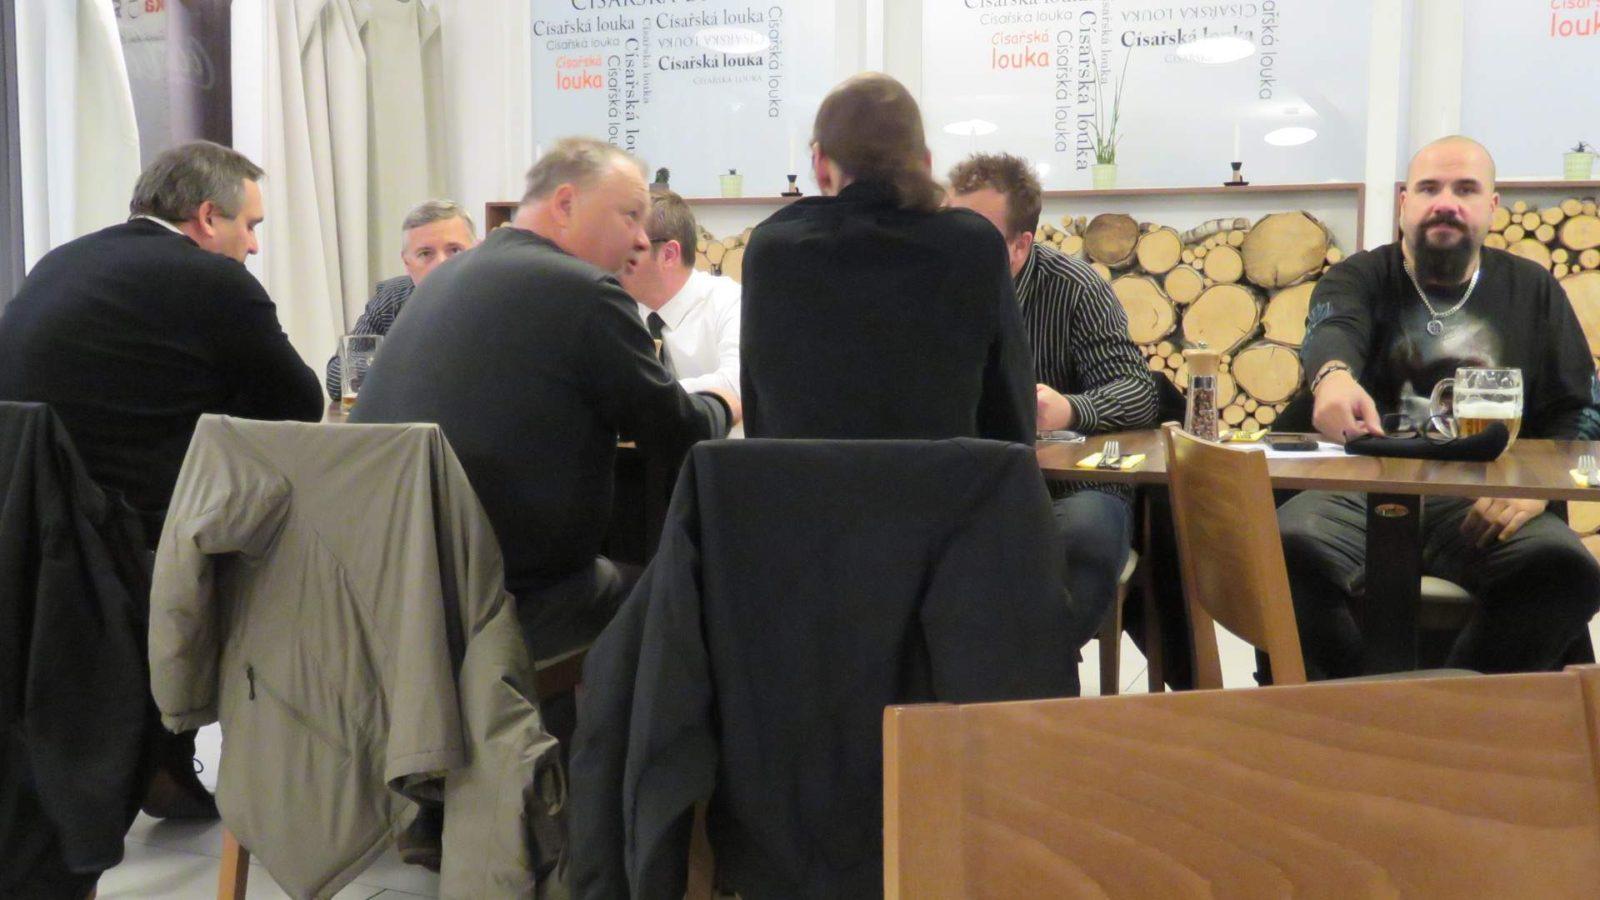 NÁRODOVCI VYPROVODILI JANA SKÁCELA NA POSLEDNÍ CESTU NA STÁTNÍM POHŘBU (uvnitř foto + video)